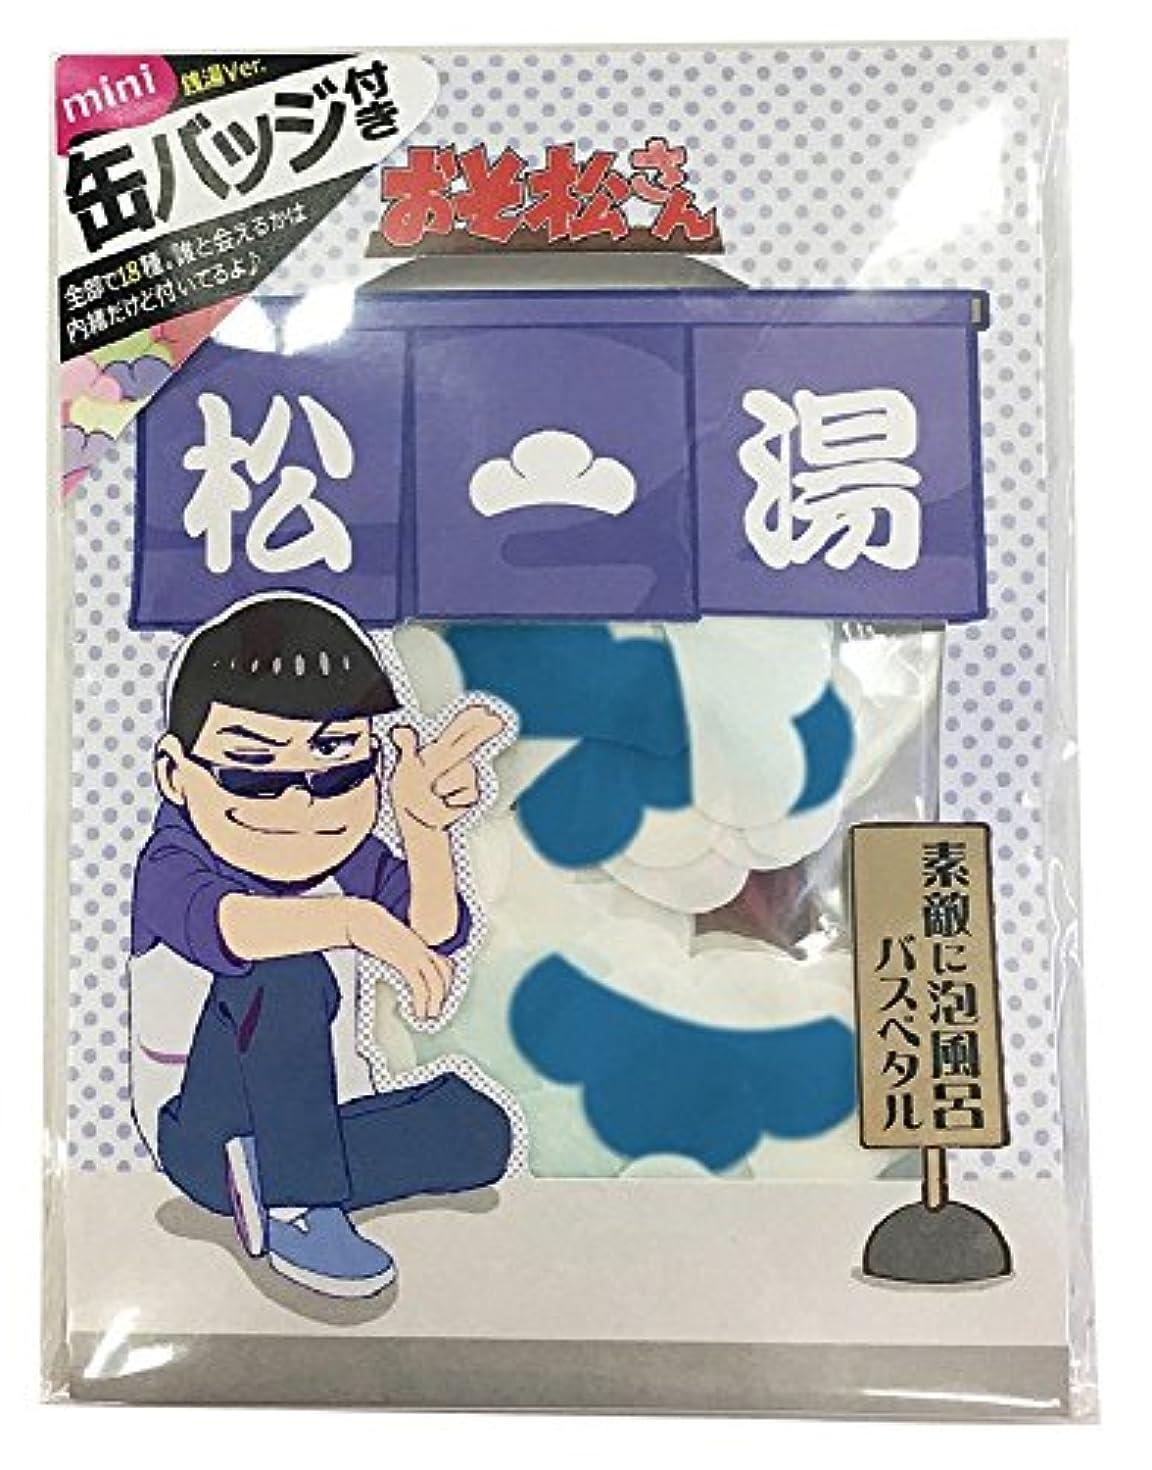 住むパラダイスハードおそ松さん 入浴剤 バスペタル カラ松 香り付き ミニ缶バッジ付き ABD-001-002